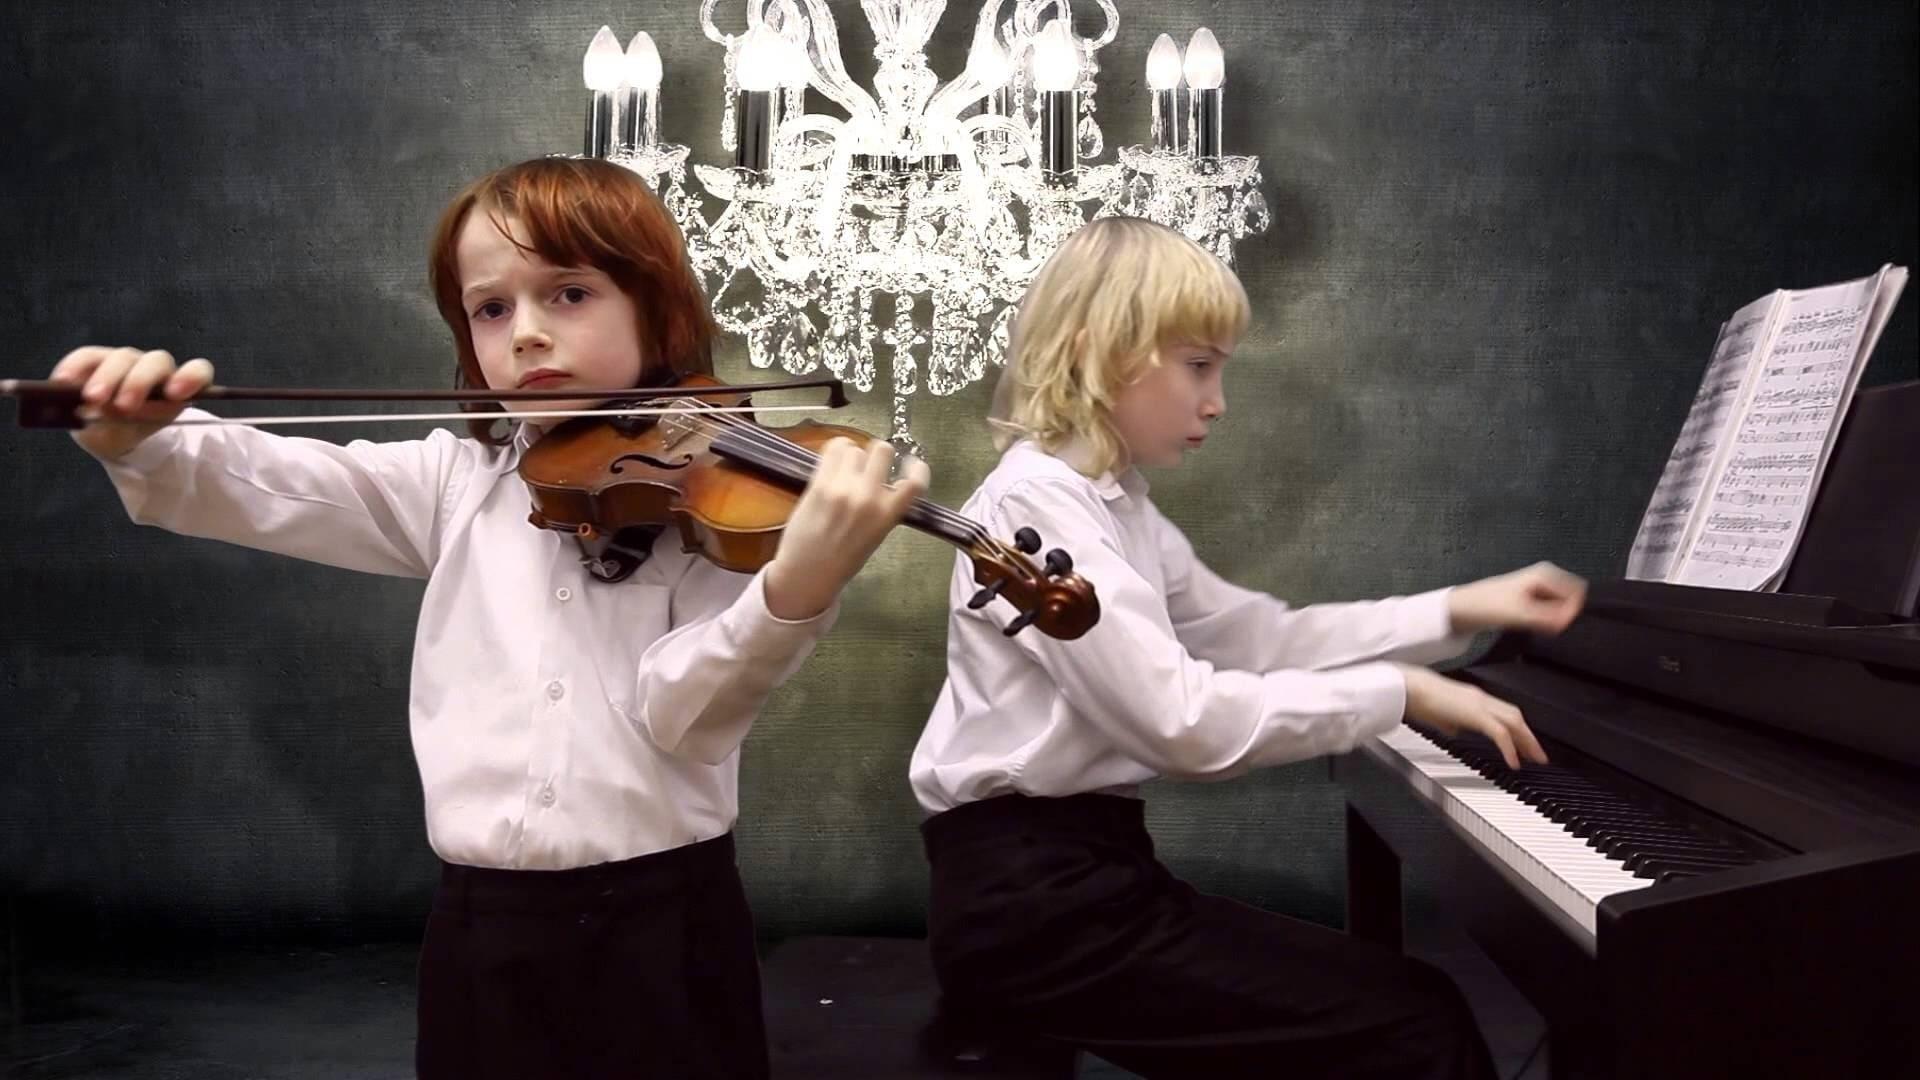 всероссийские конкурсы для детей воспитателей и педагогов минпросвещения